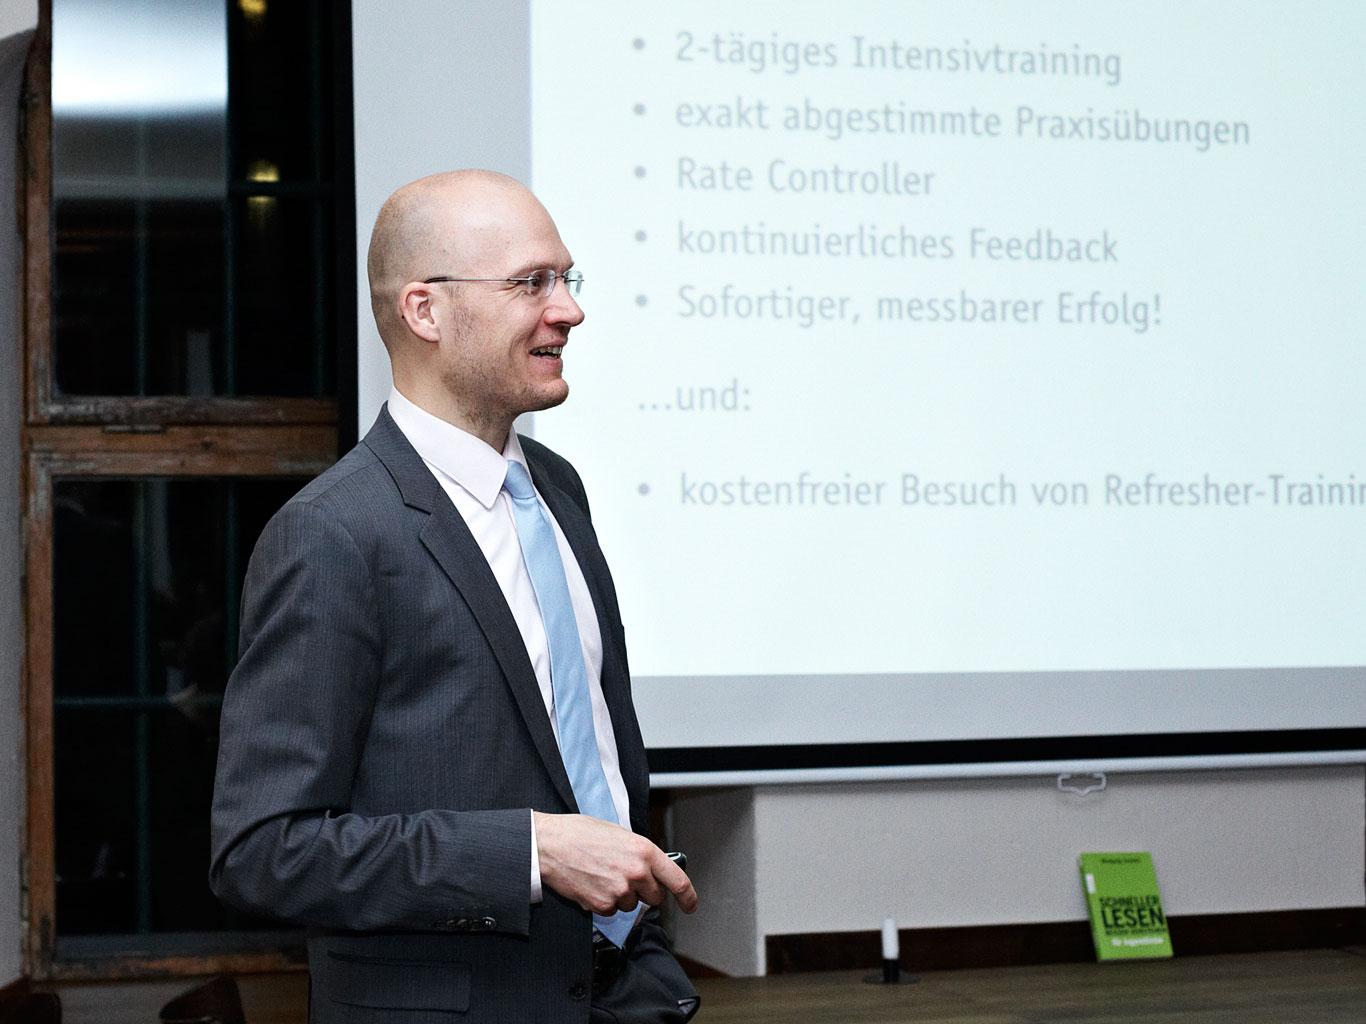 Friedrich Hasse trainiert seit 2003 Speed Reading nach der Improved Reading-Methode in Berlin, bundesweit und international